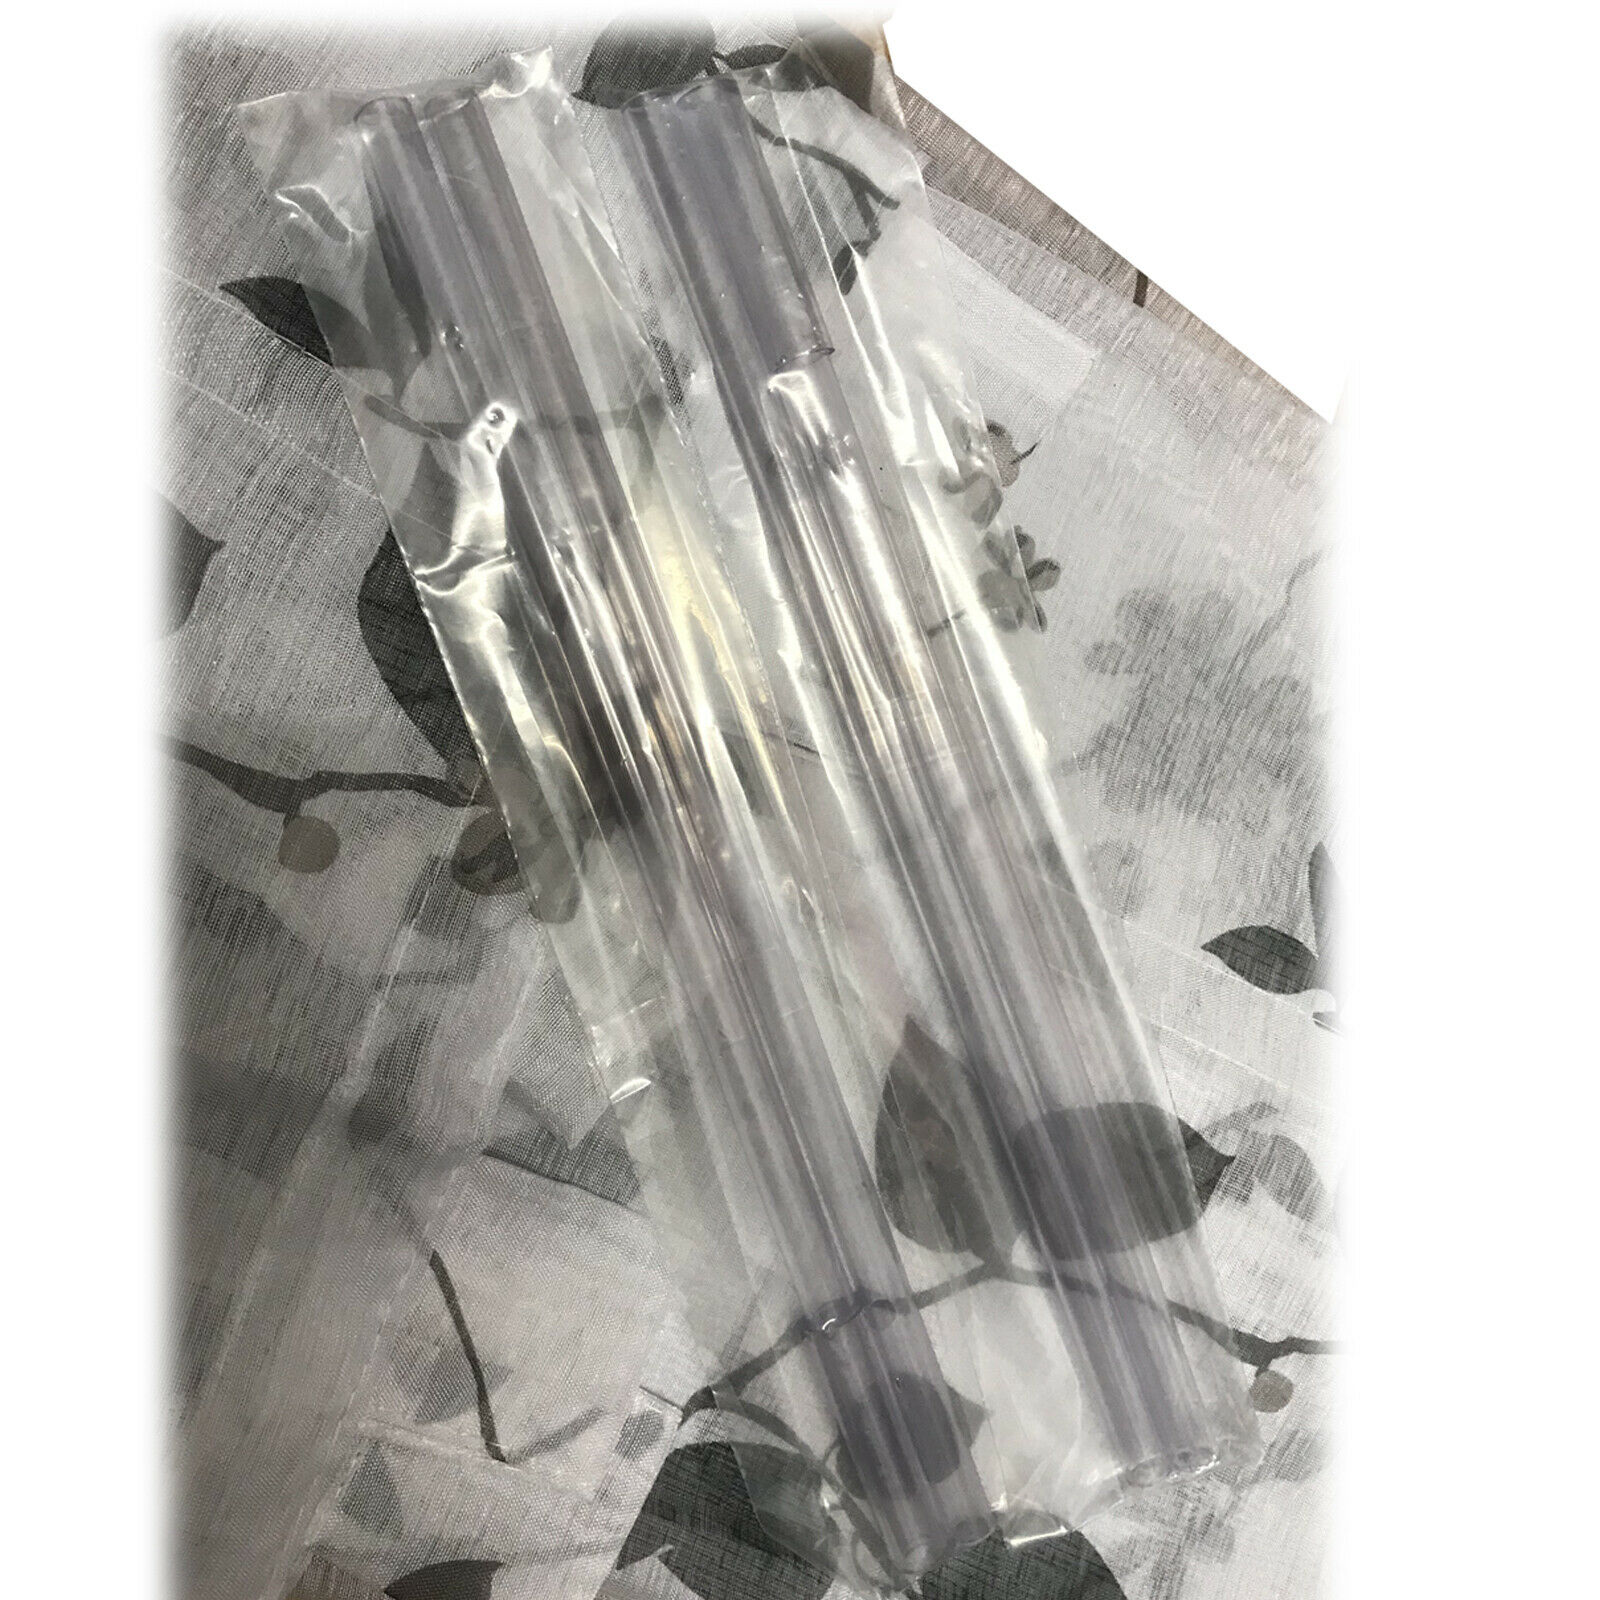 Full Size of Raffrollo Mit Schlaufen Modern Blten Raffgardine Rollo Raff Fenster Spiegelschrank Bad Beleuchtung Und Steckdose Bett Ausziehbett Big Sofa Schlaffunktion Wohnzimmer Raffrollo Mit Schlaufen Modern